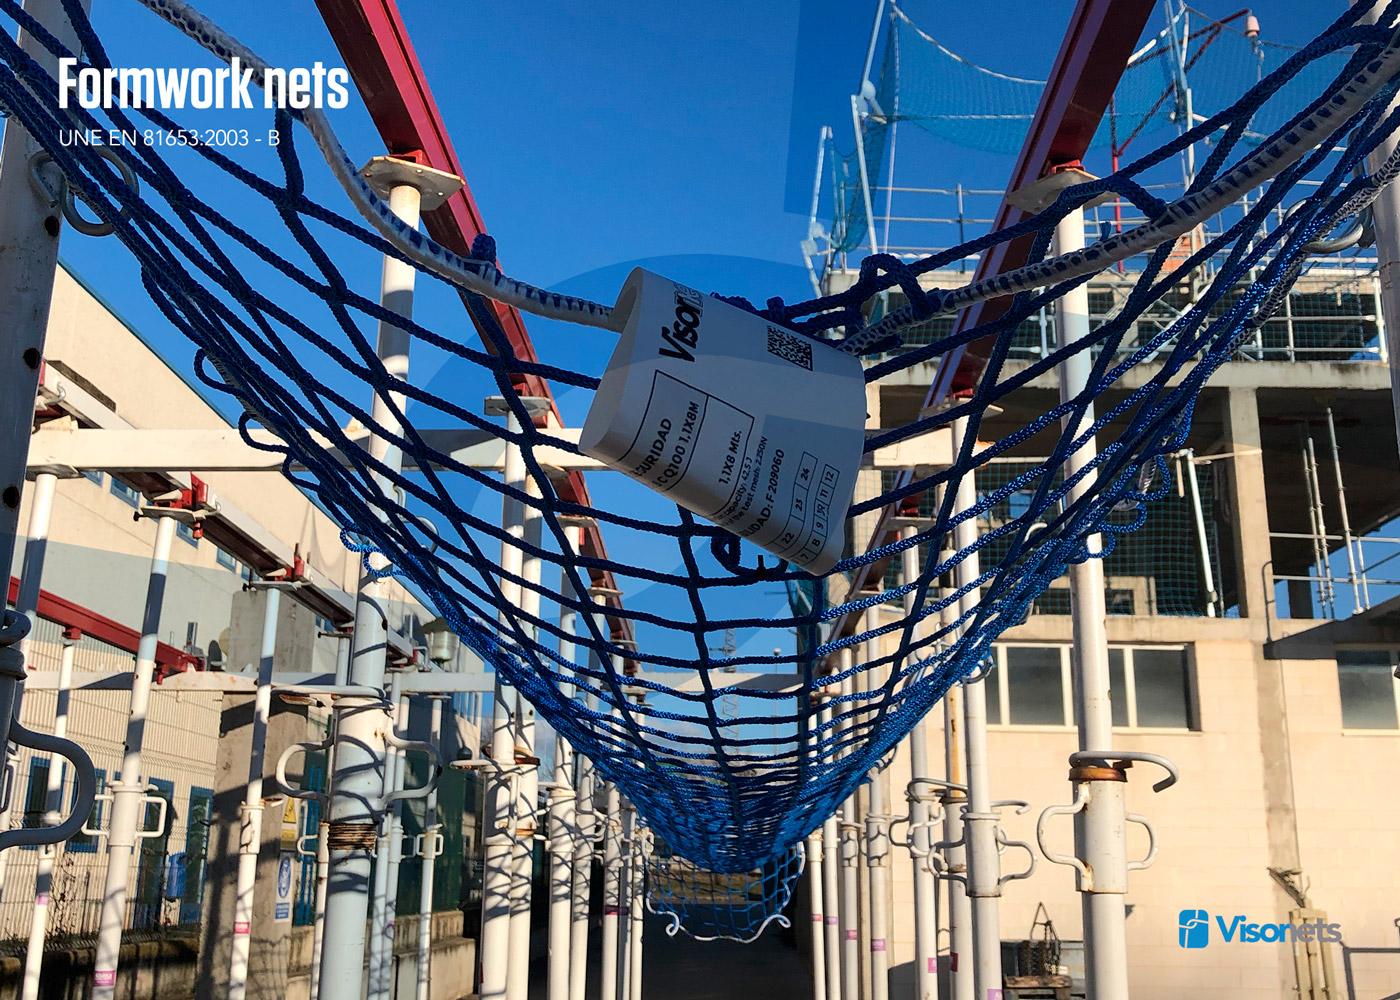 Sistema de redes de seguridad bajo forjado Norma UNE 81652:2013